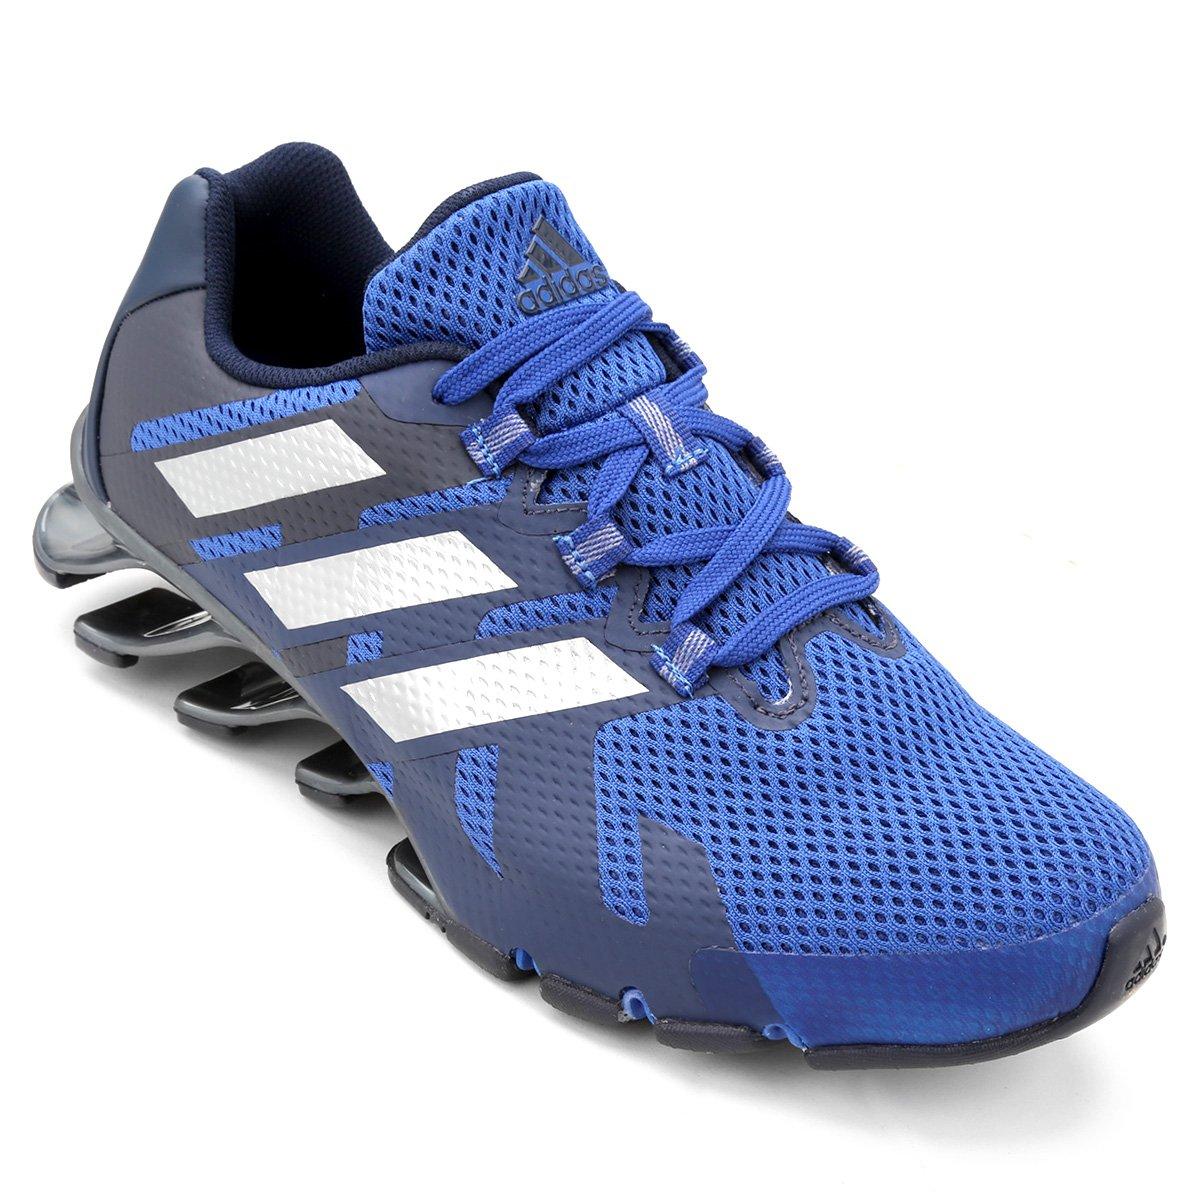 c5bd815fcc490 Tenis Adidas Springblade Eforce m | Azul Marinho/azul | Coutope